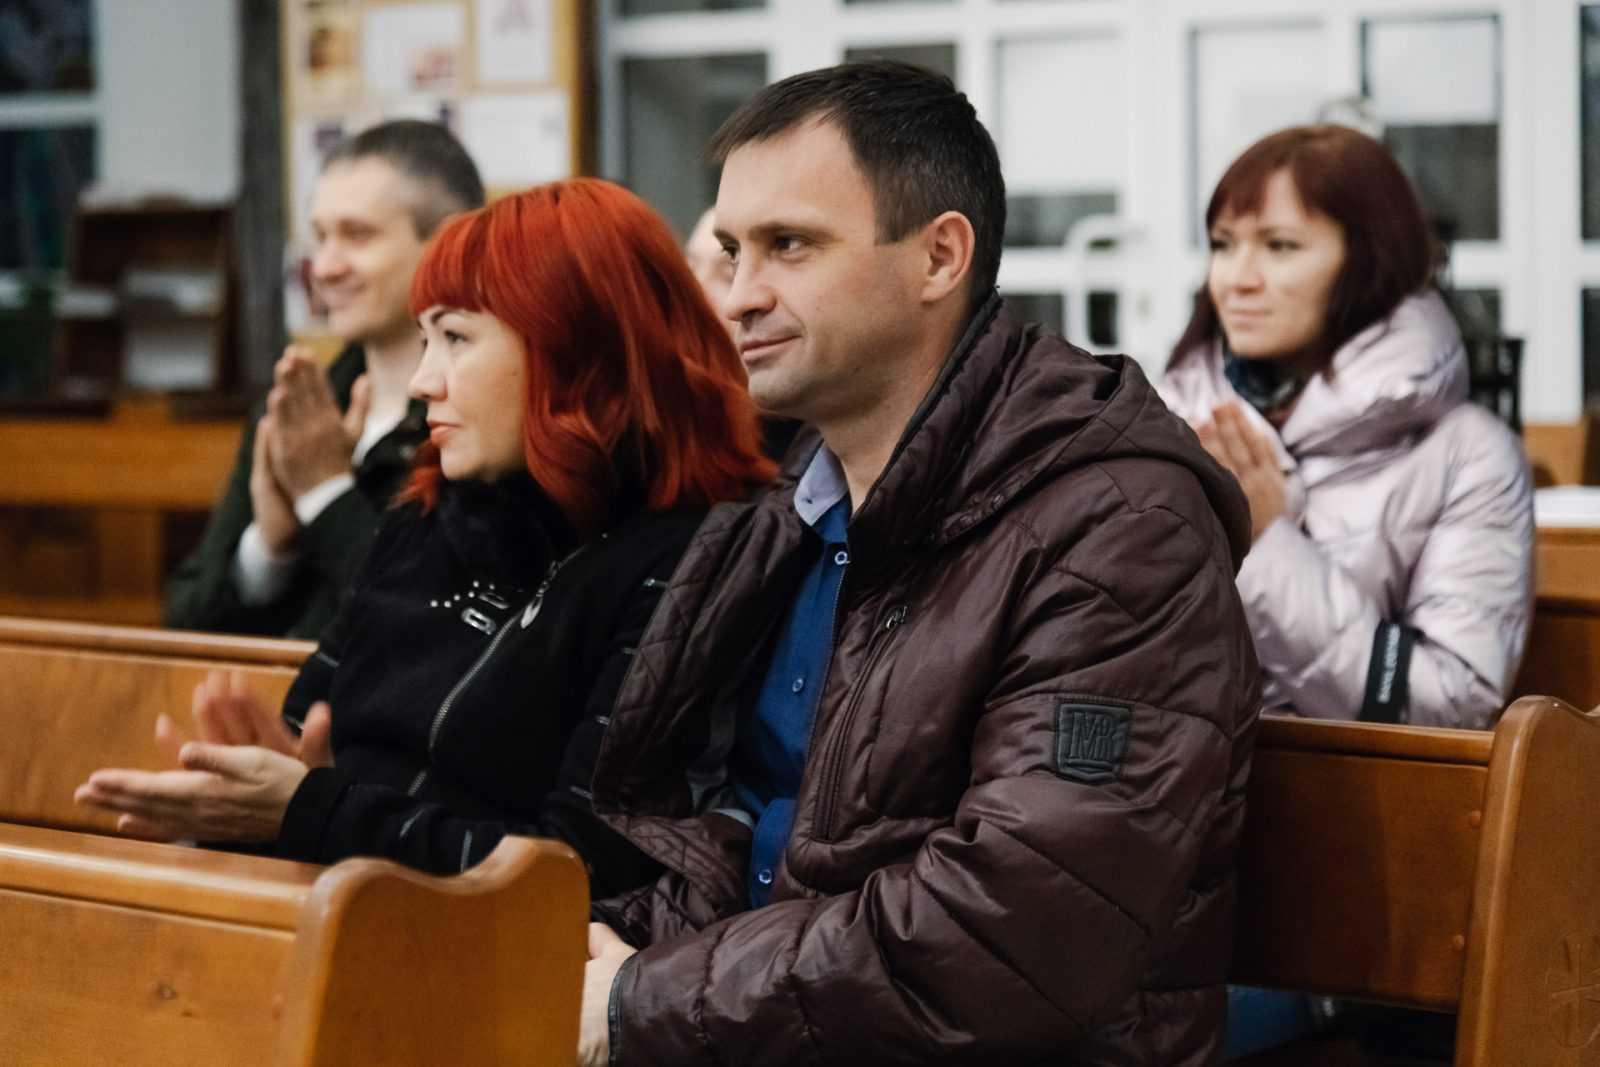 Музыка в храме КОНЦЕРТ «МАСТЕРА БАРОККО» 26.10.2019 5